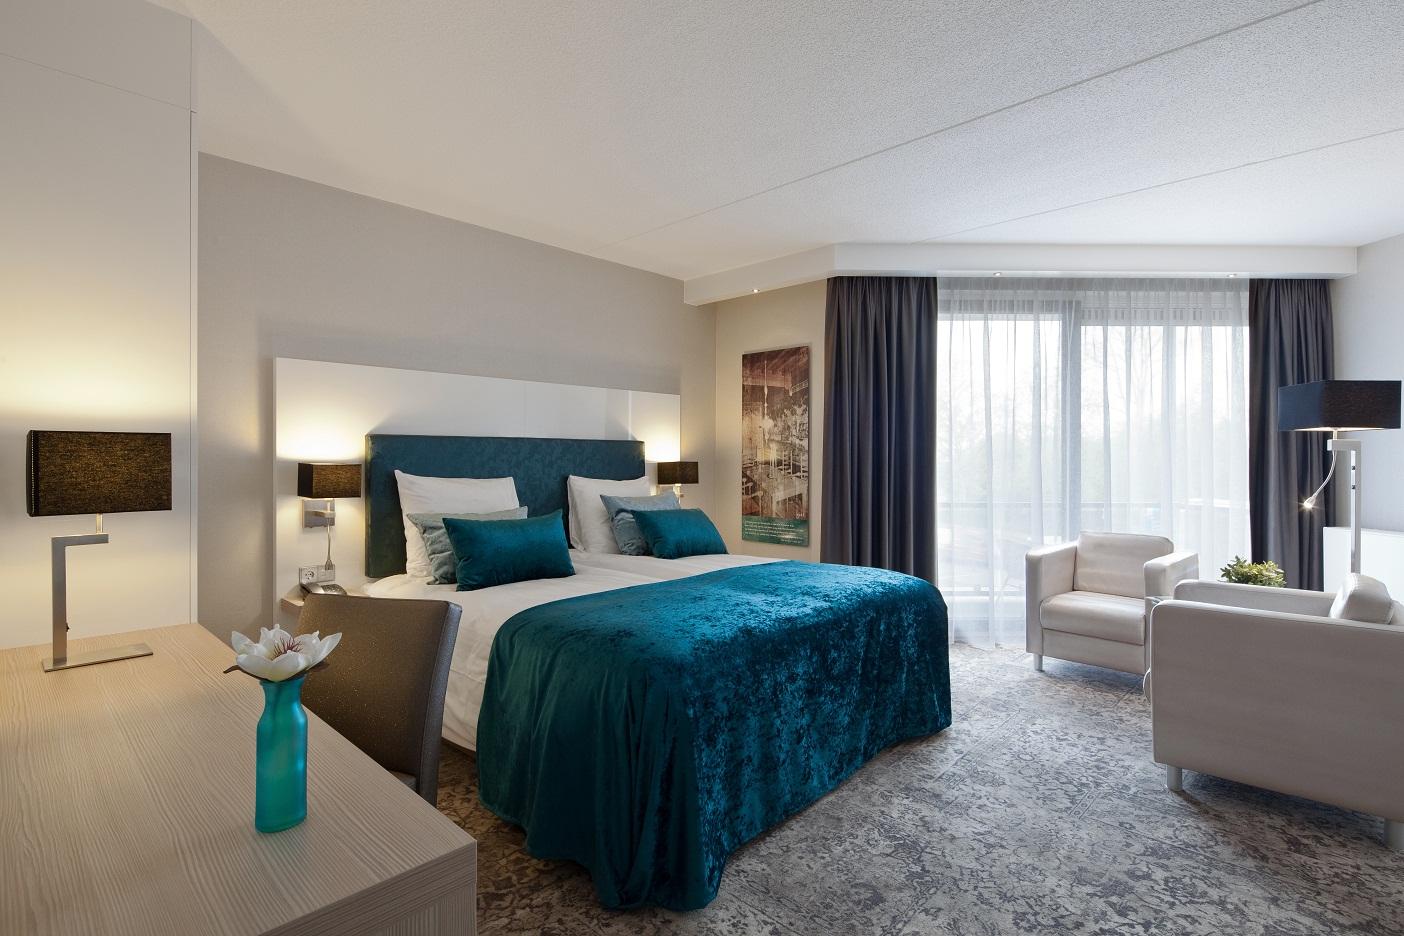 Comfort kamer daglicht